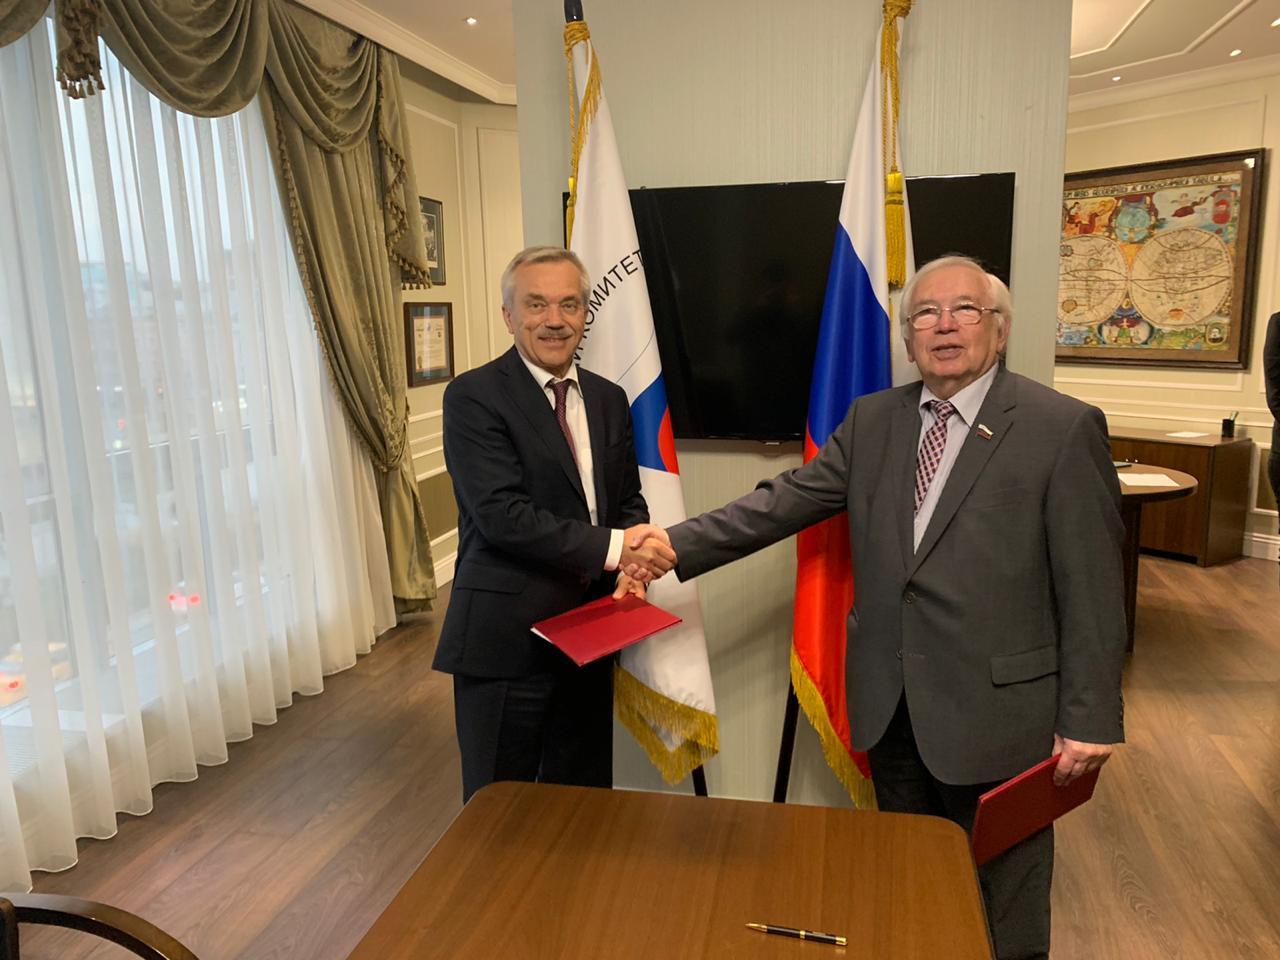 Президент ПКР В.П. Лукин и Губернатор Белгородской области Е.С. Савченко подписали соглашение о сотрудничестве и взаимодействии по развитию паралимпийского спорта